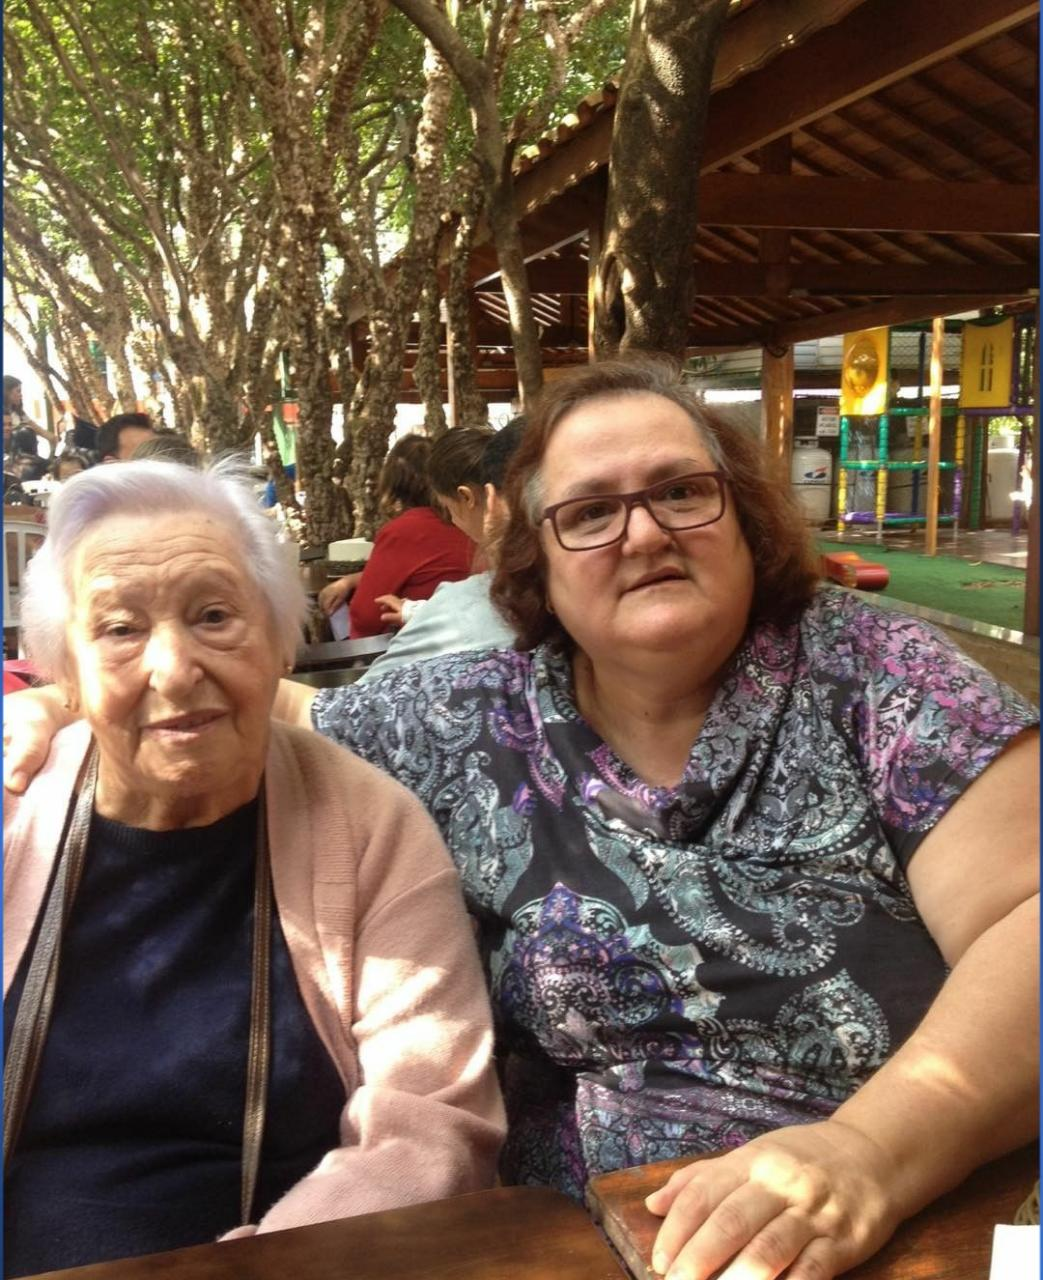 Iracema, 85 anos, e a filha Rita de Cássia. Aos 55 anos, Rita foi a primeira a apresentar sintomas da infecção pelo coronavírus. Ela morreu três dias depois da mãe (Foto: Arquivo pessoal/UOL VivaBem)